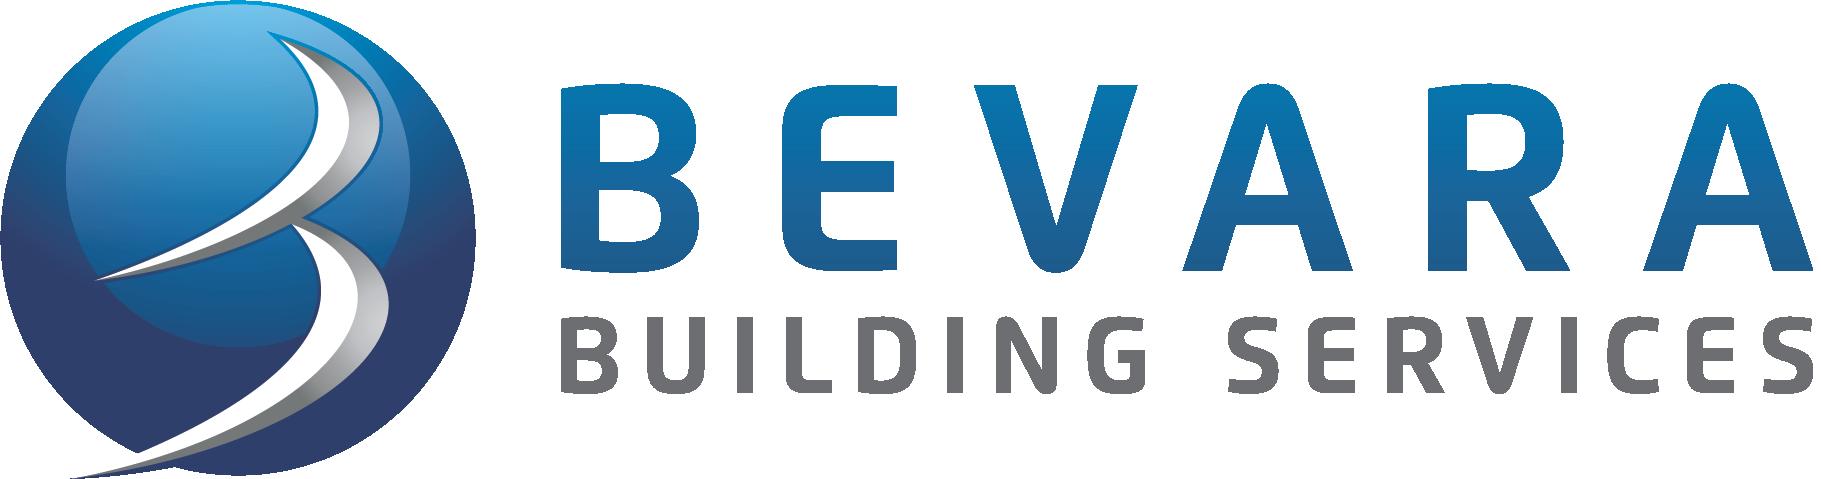 Bevara Building Services Company Logo